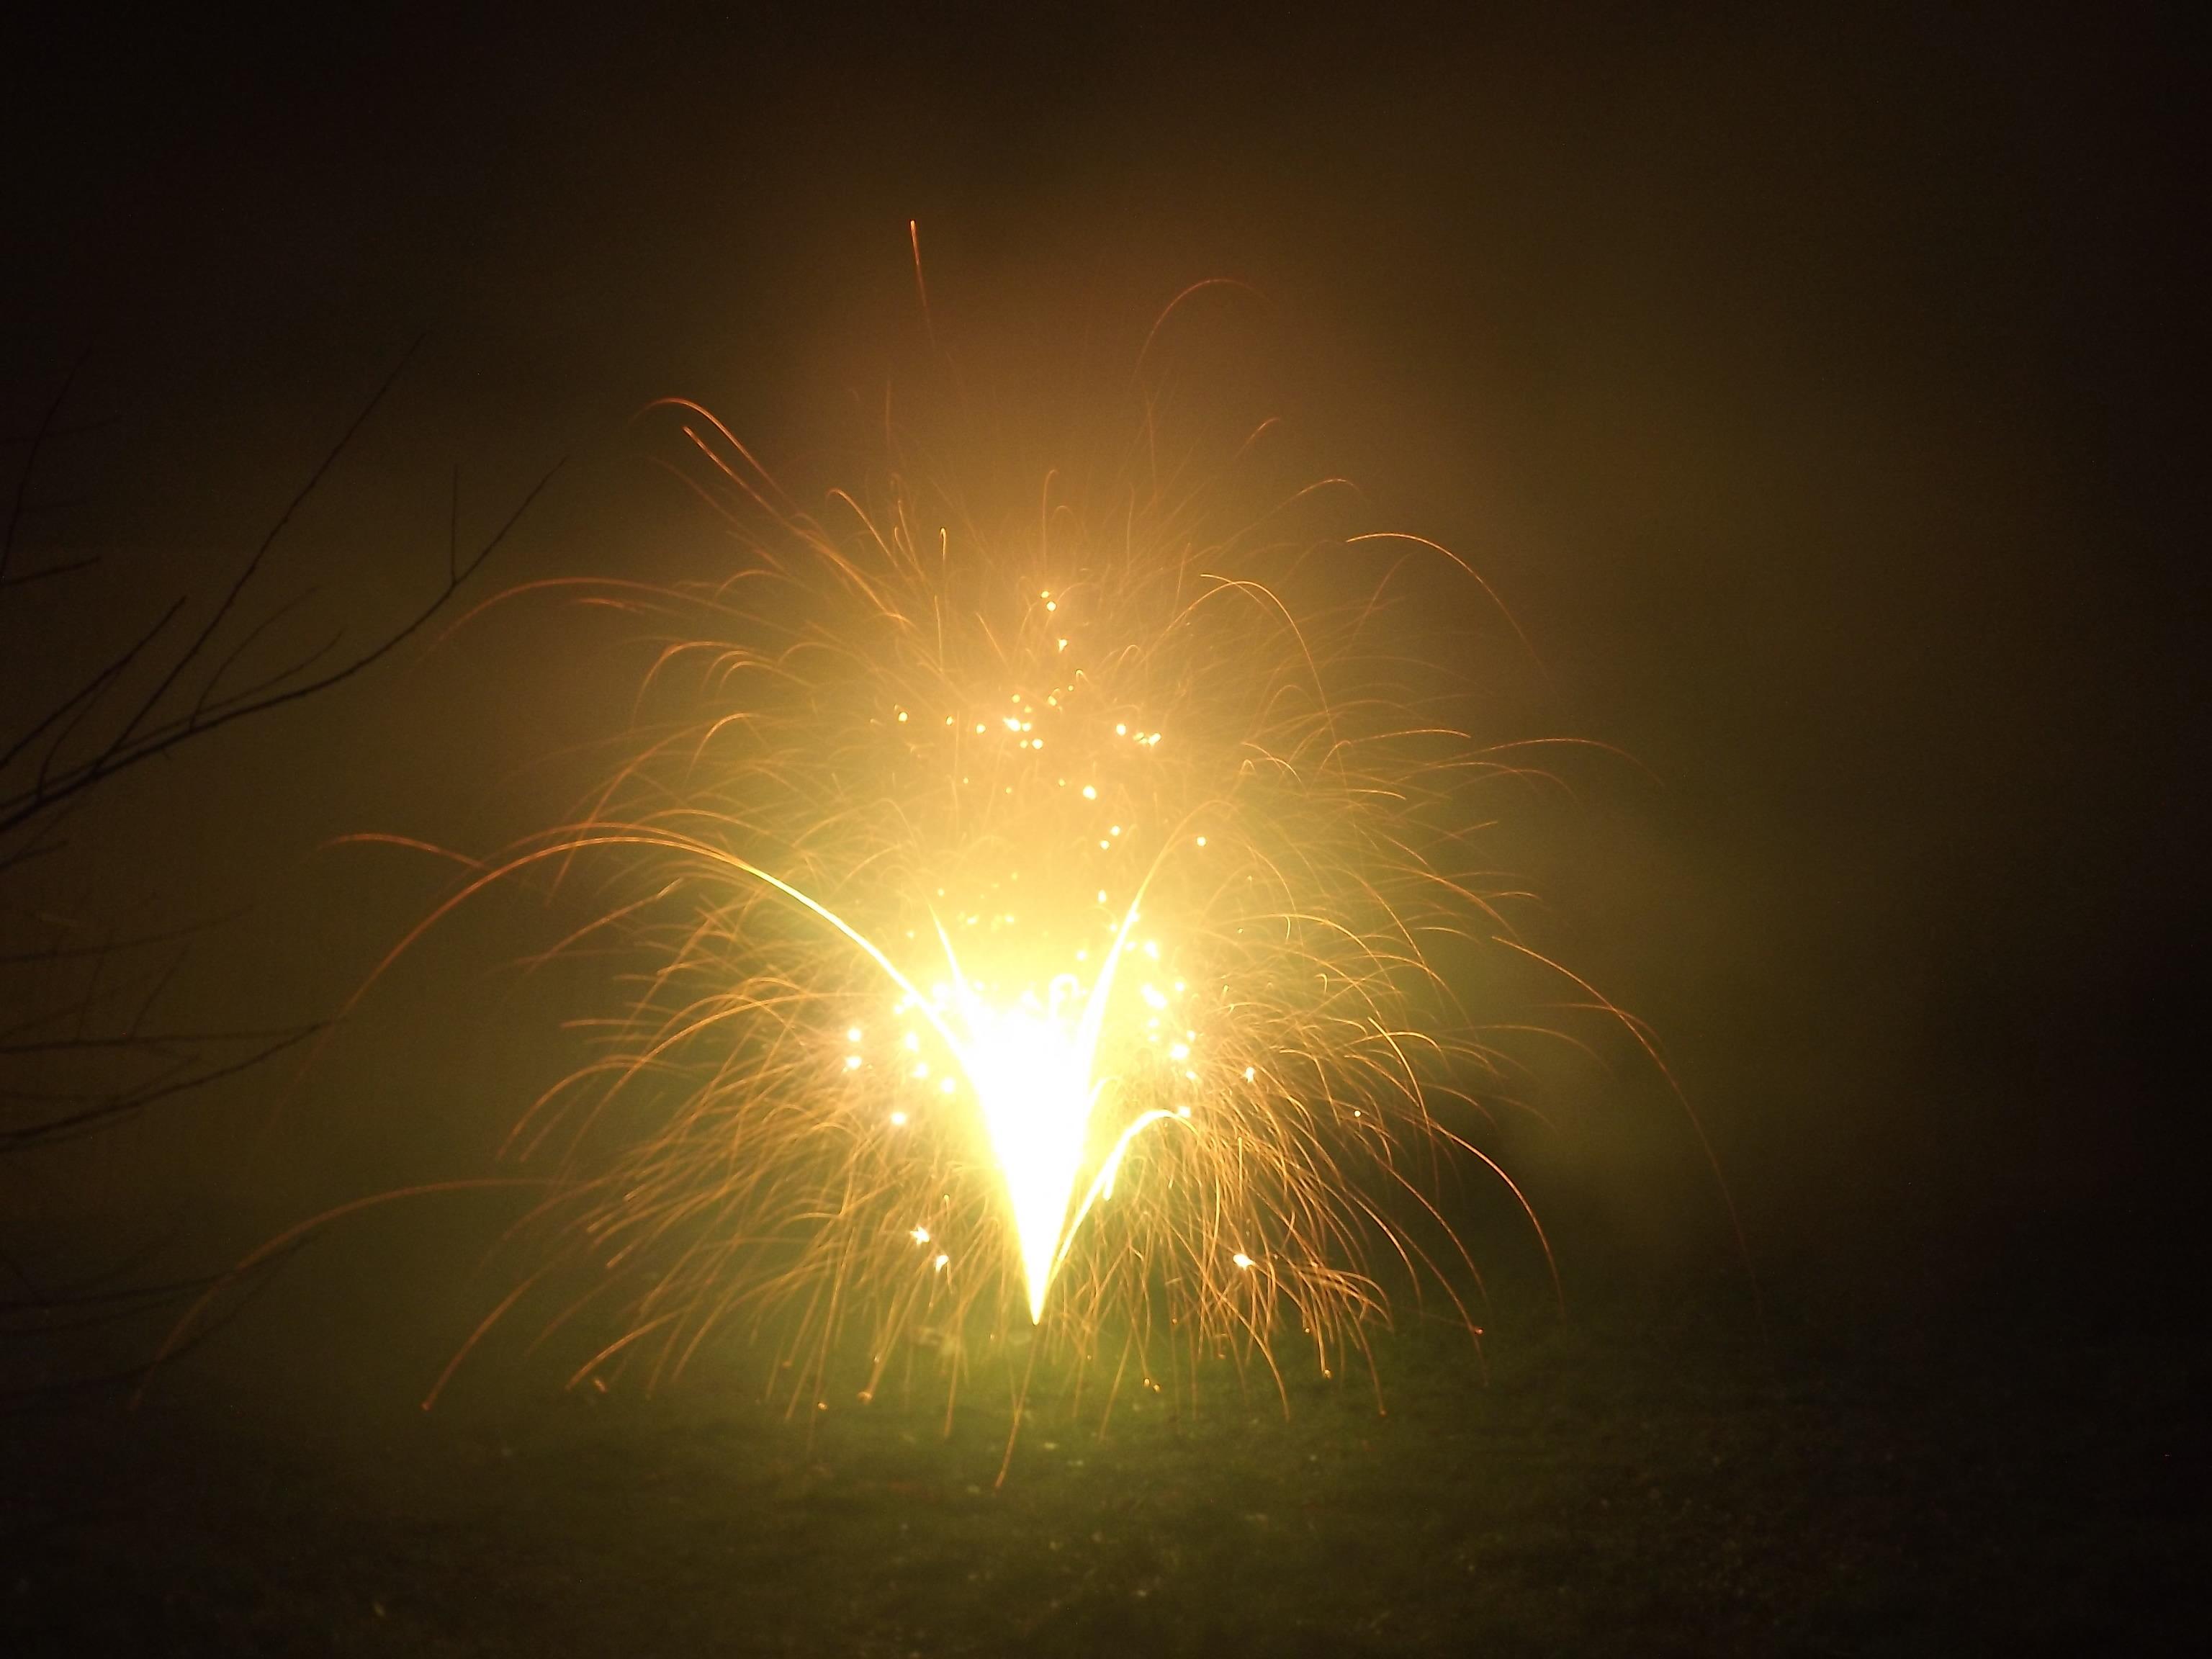 6747-feuerwerk-silvester-neujahr-crackling-rauch